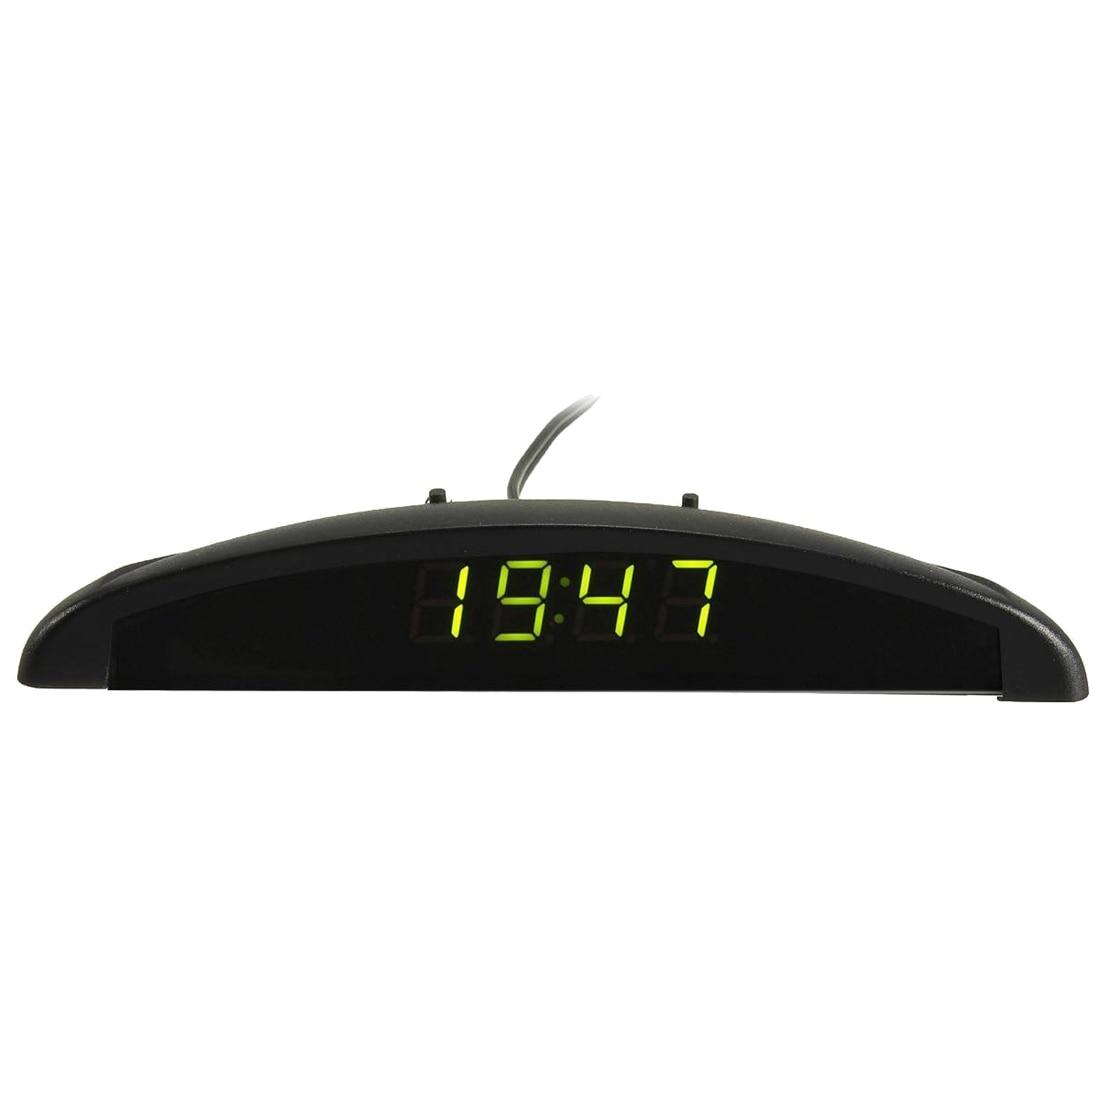 3 In1 Car 12V Digital LED Voltmeter Voltage Temperature Clock Thermometer Car, Green прибор для авто oem 3 in1 12v 24v 68050